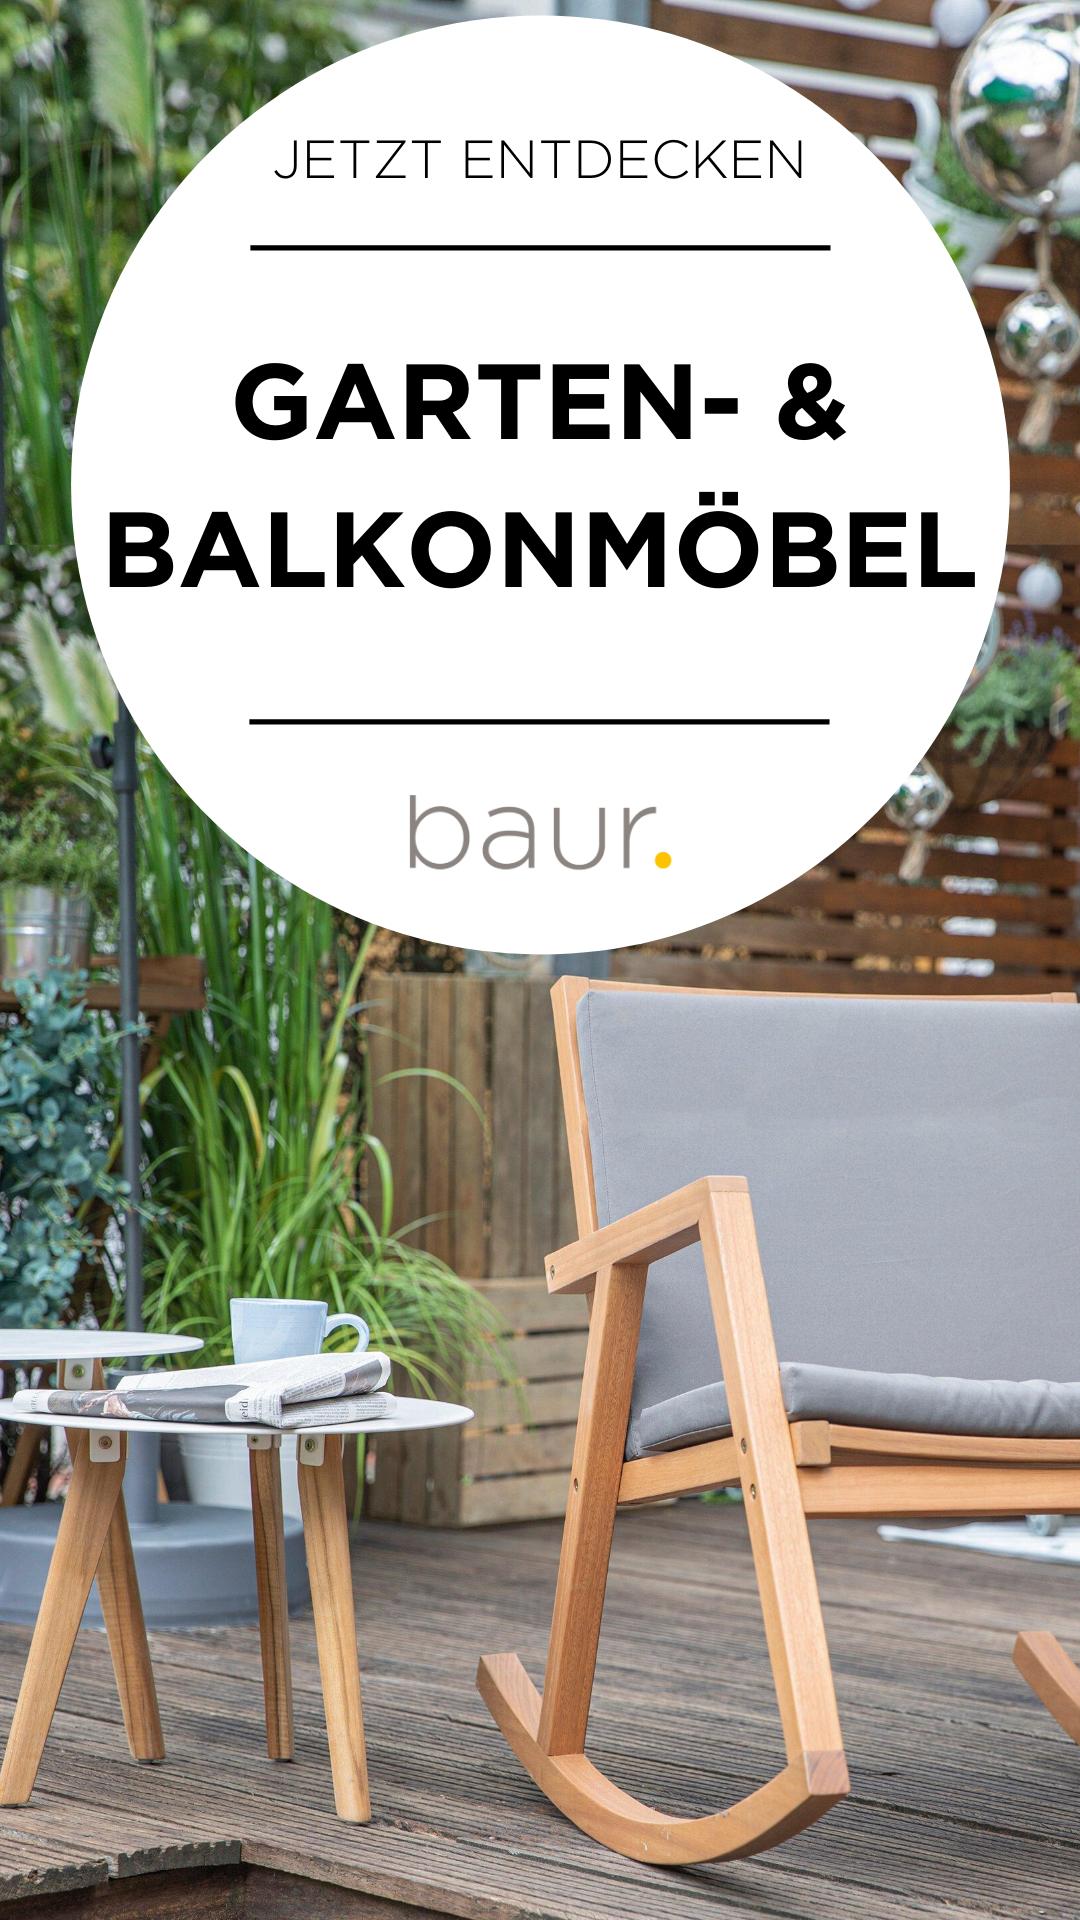 Möbel für Balkon und Garten auf baur.de entdecken #baur #garten #balkon #gartenmöbel #balkonmöbel